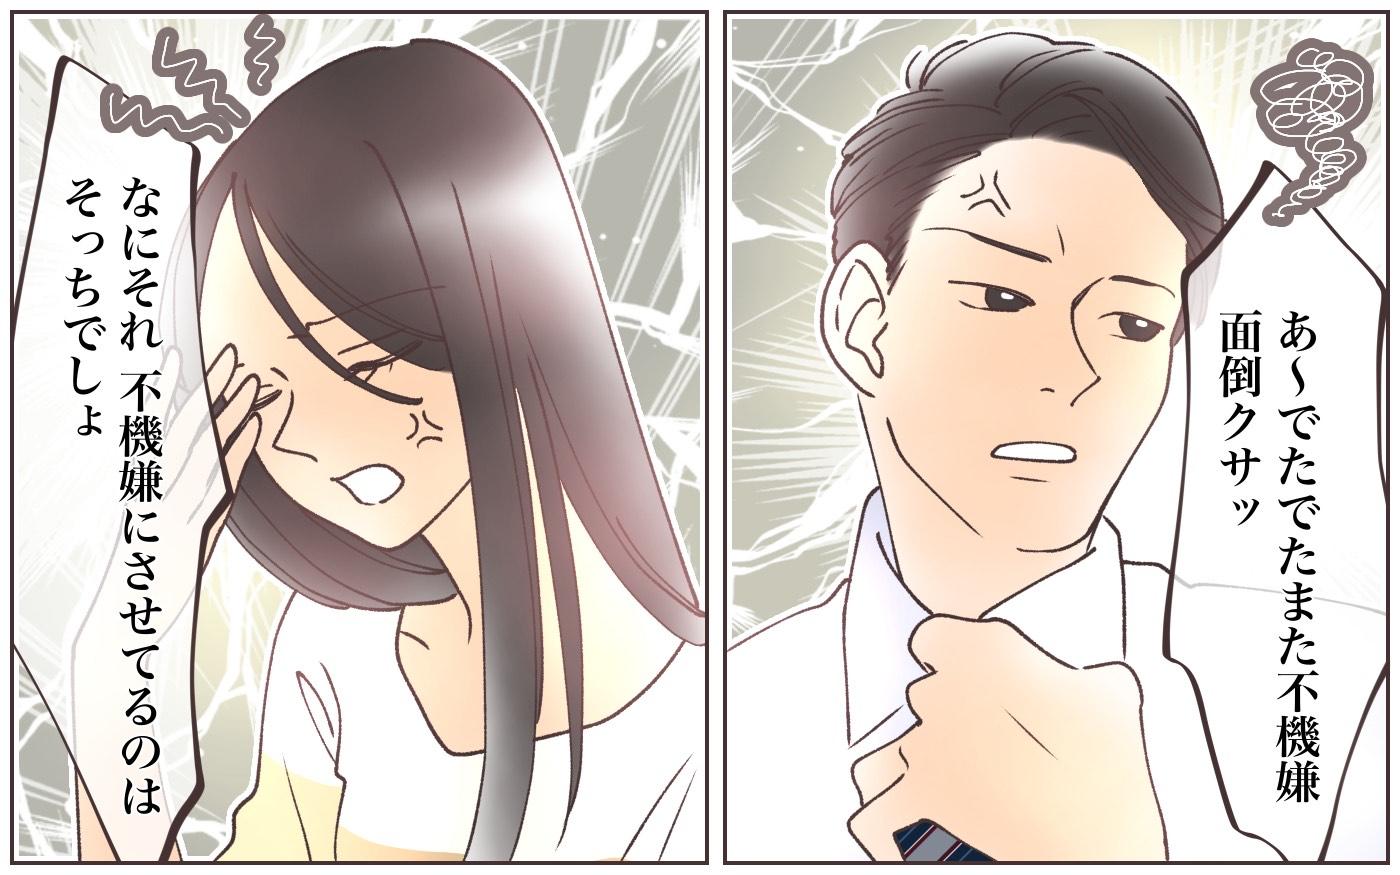 夫婦喧嘩ばかりの日々…唯一の癒しは「宅配便のお兄さん」!